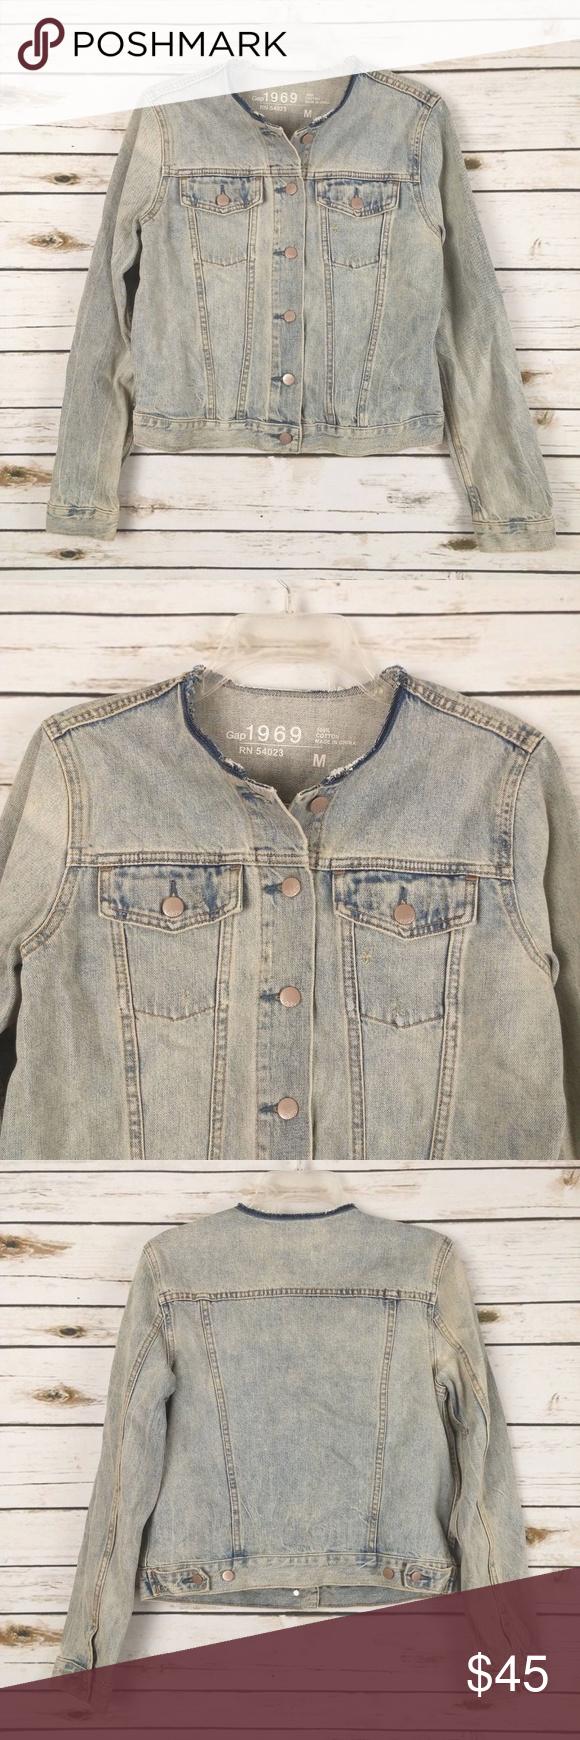 Gap Collarless Jean Jacket Denim Vintage Look M Denim Jacket Collarless Denim Jacket Jackets [ 1740 x 580 Pixel ]